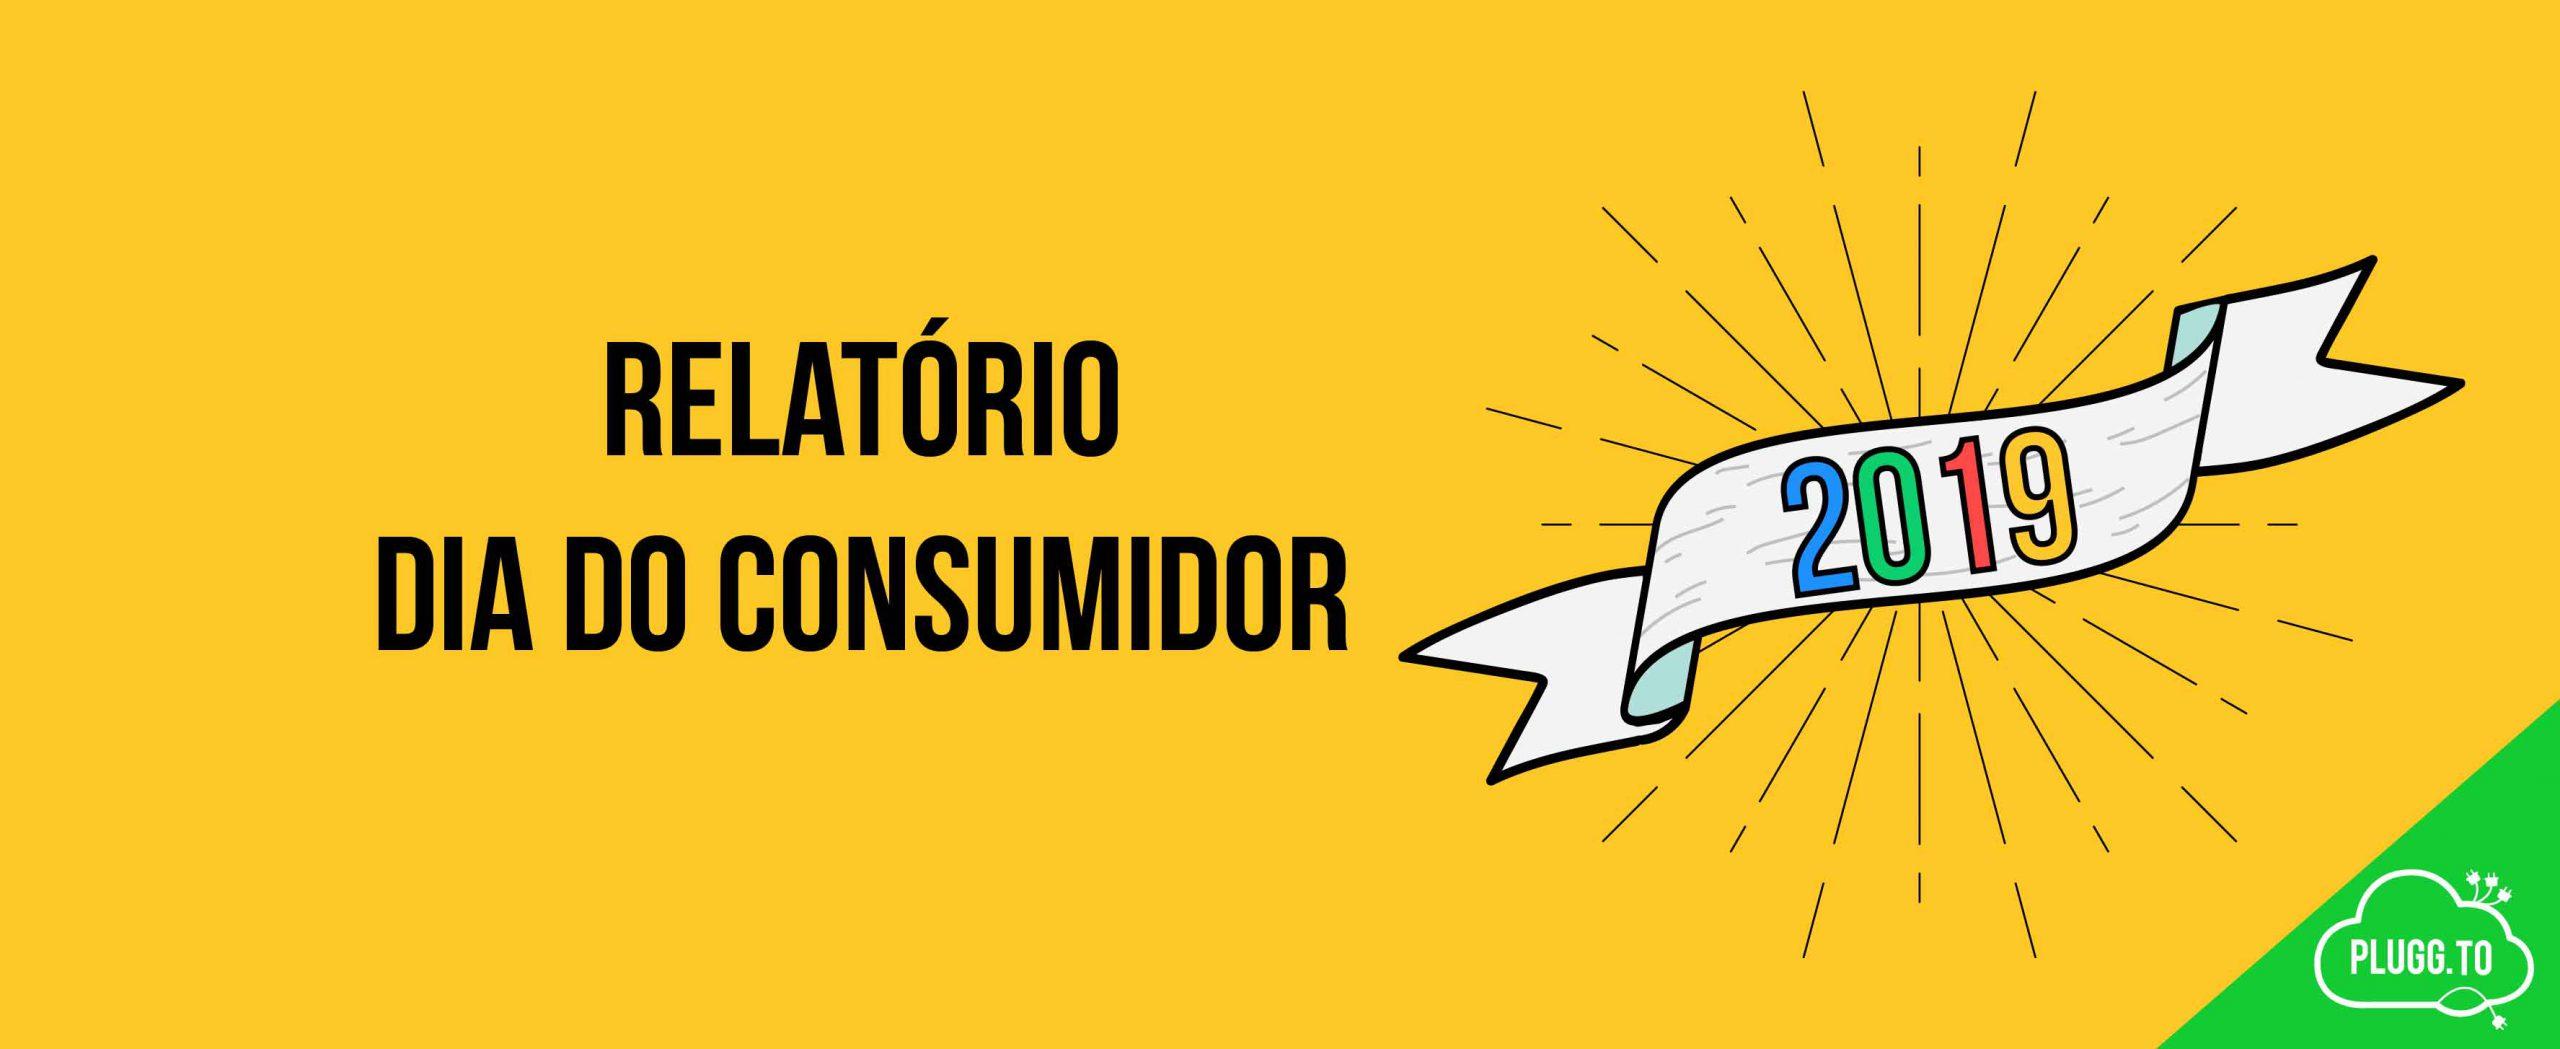 Relatório do Dia do Consumidor 2019